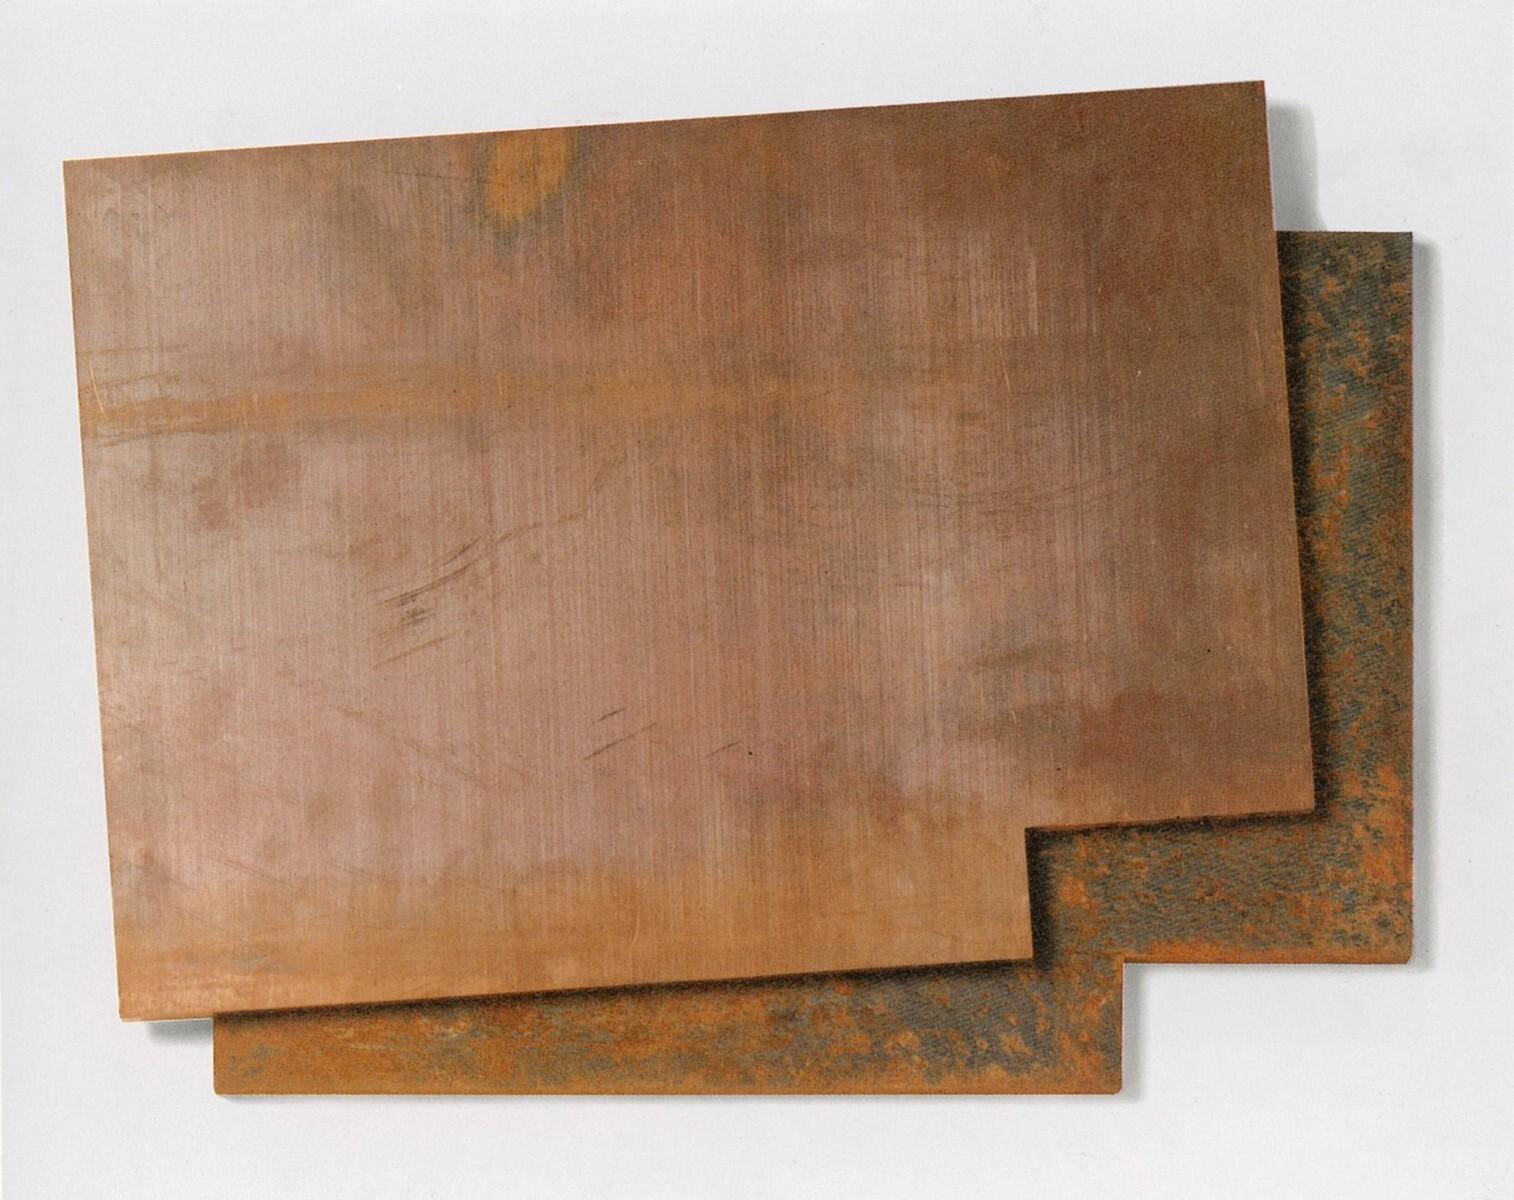 Joseph Beuys - ELEMENT